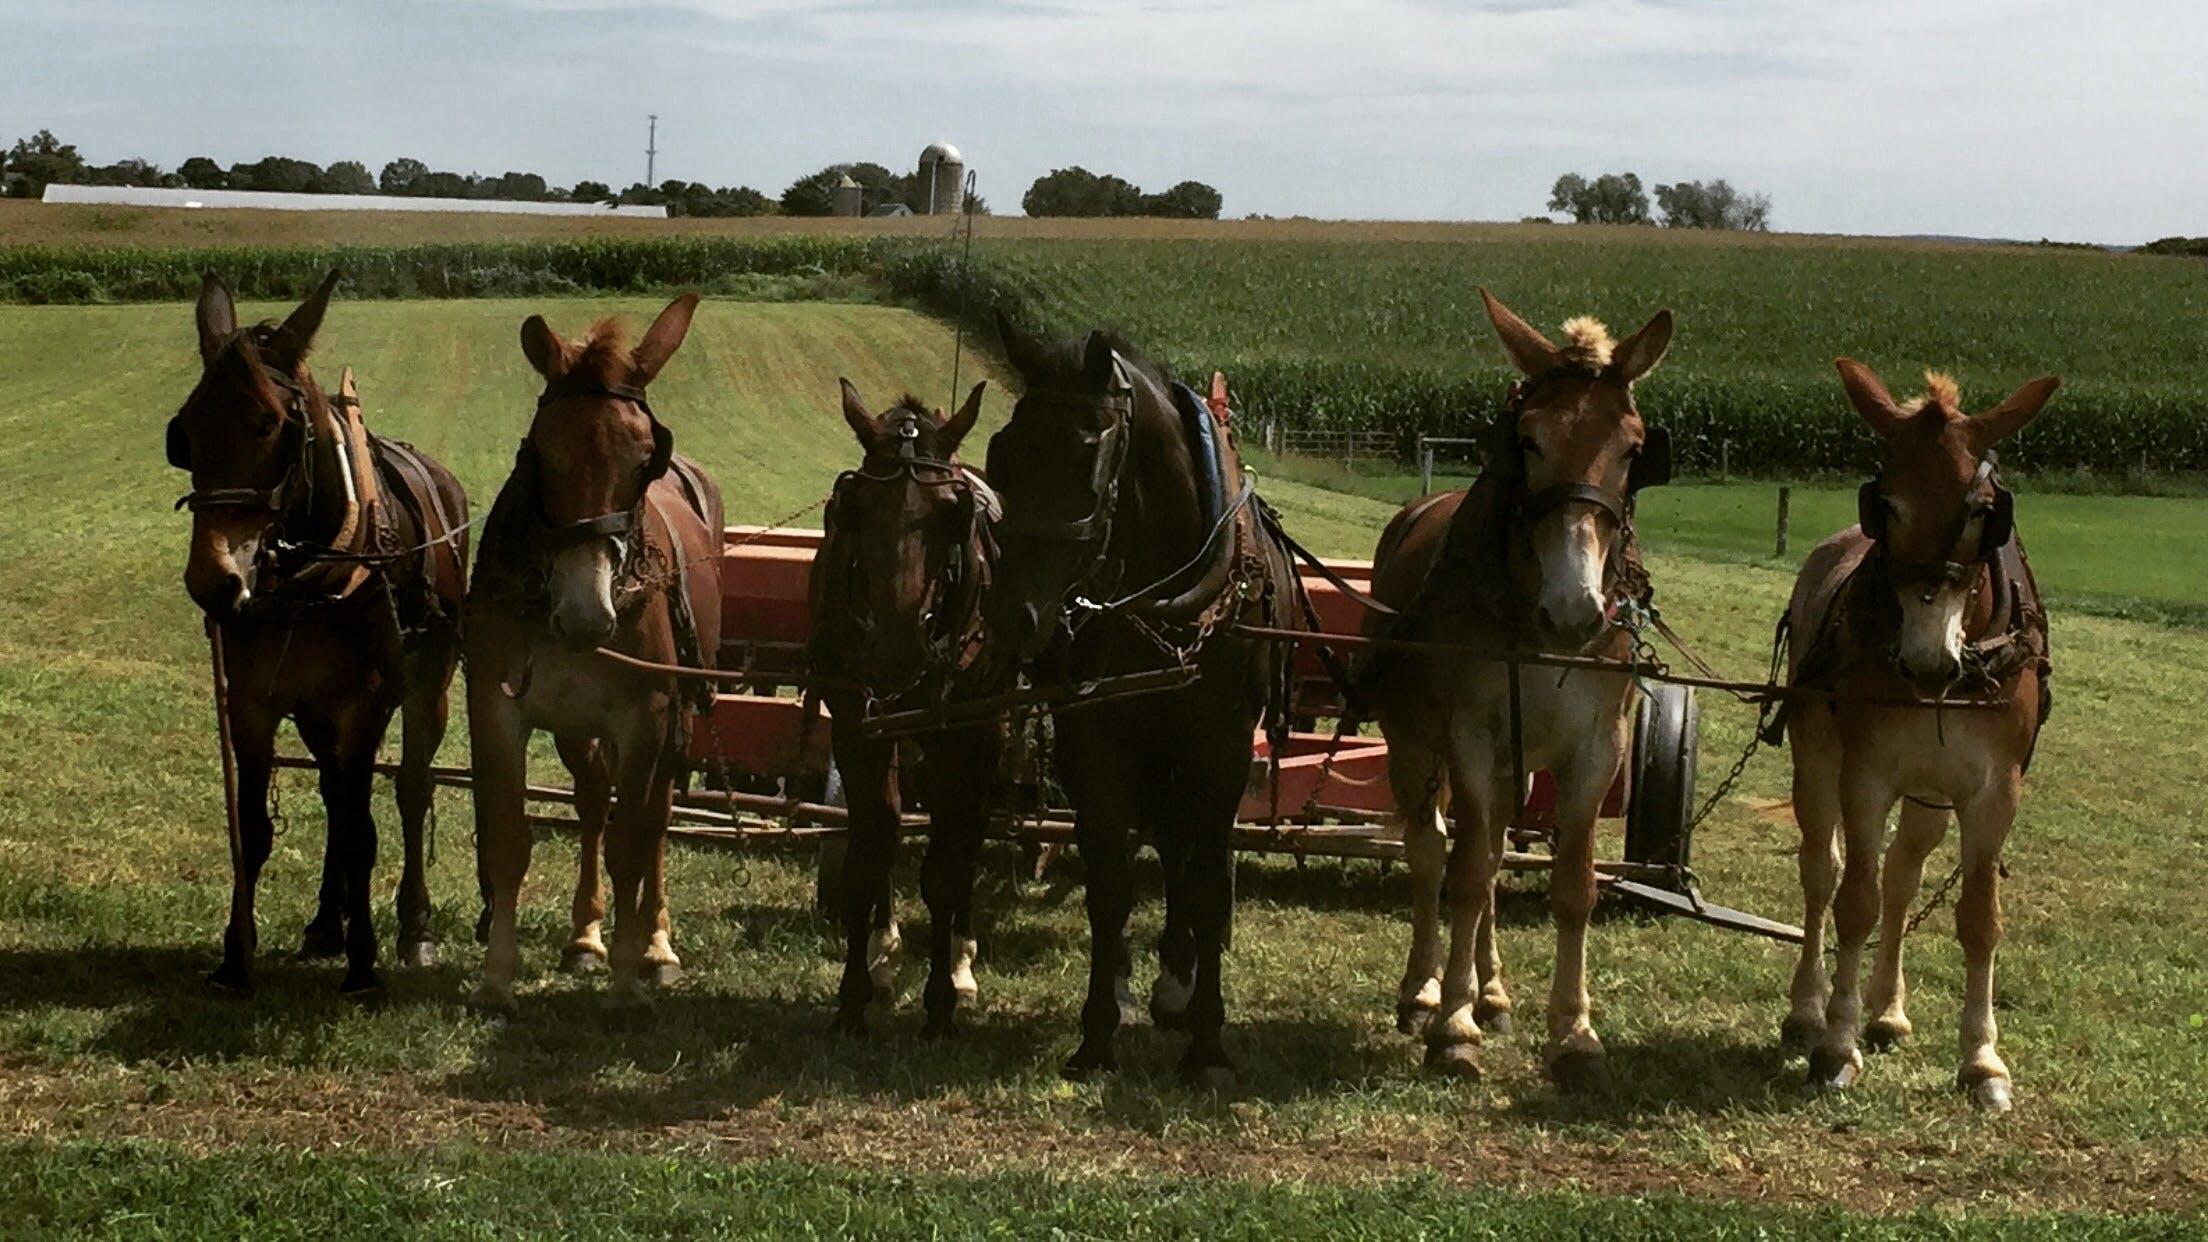 Kostenloses Stock Foto zu bauernhof, land, maultiere, pferde